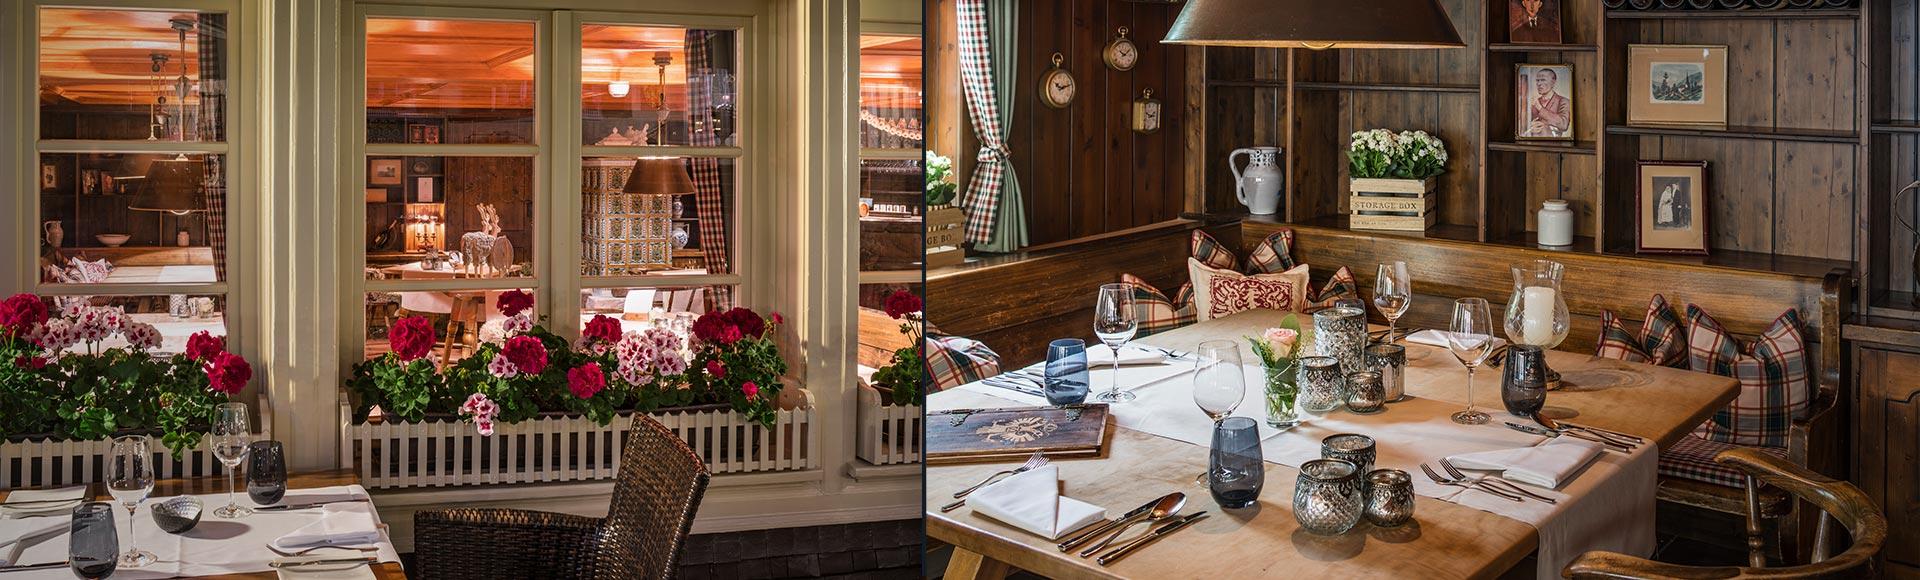 Diva Restaurant Lounge Bar